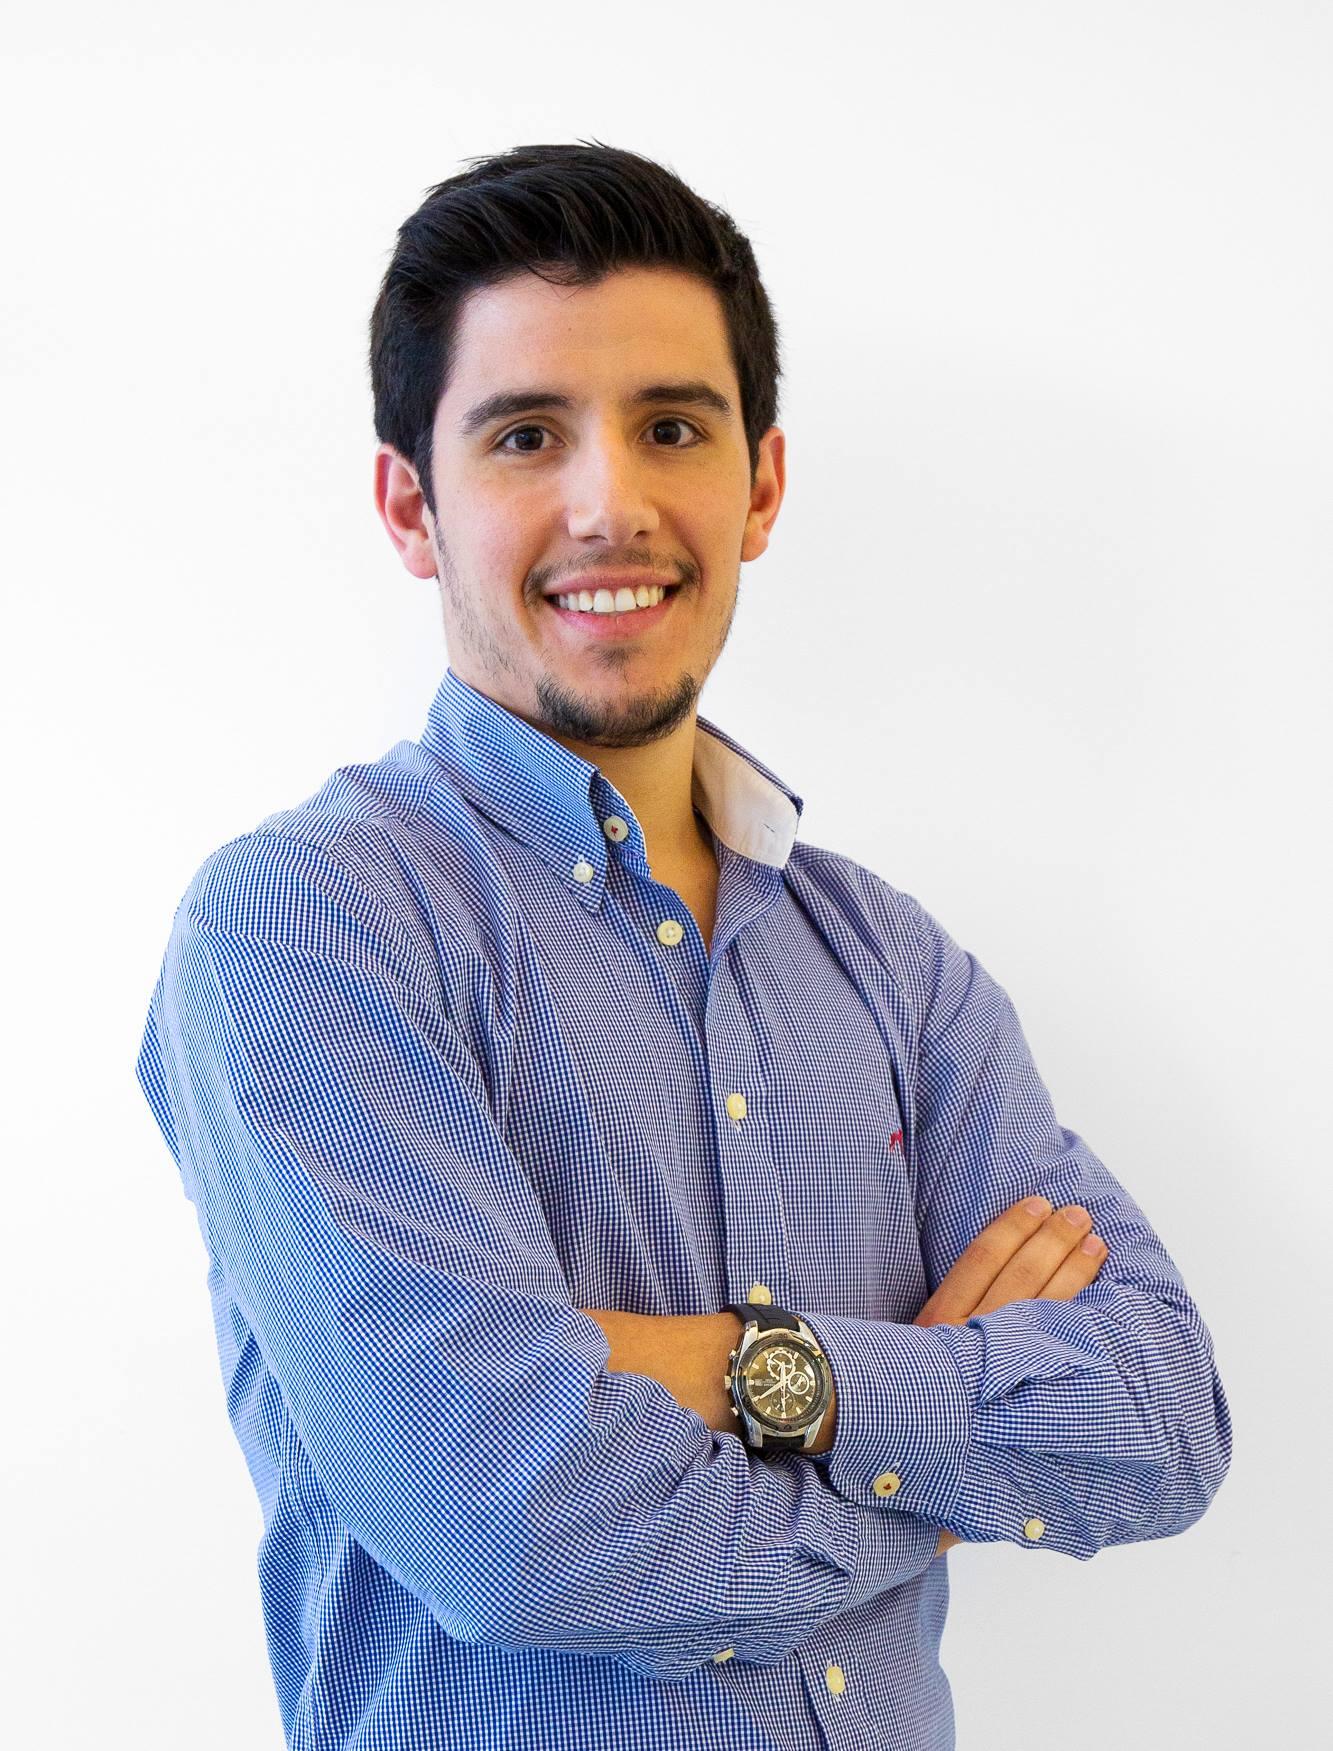 João Meirinhos, Style Italiano Endodontics Silver Member